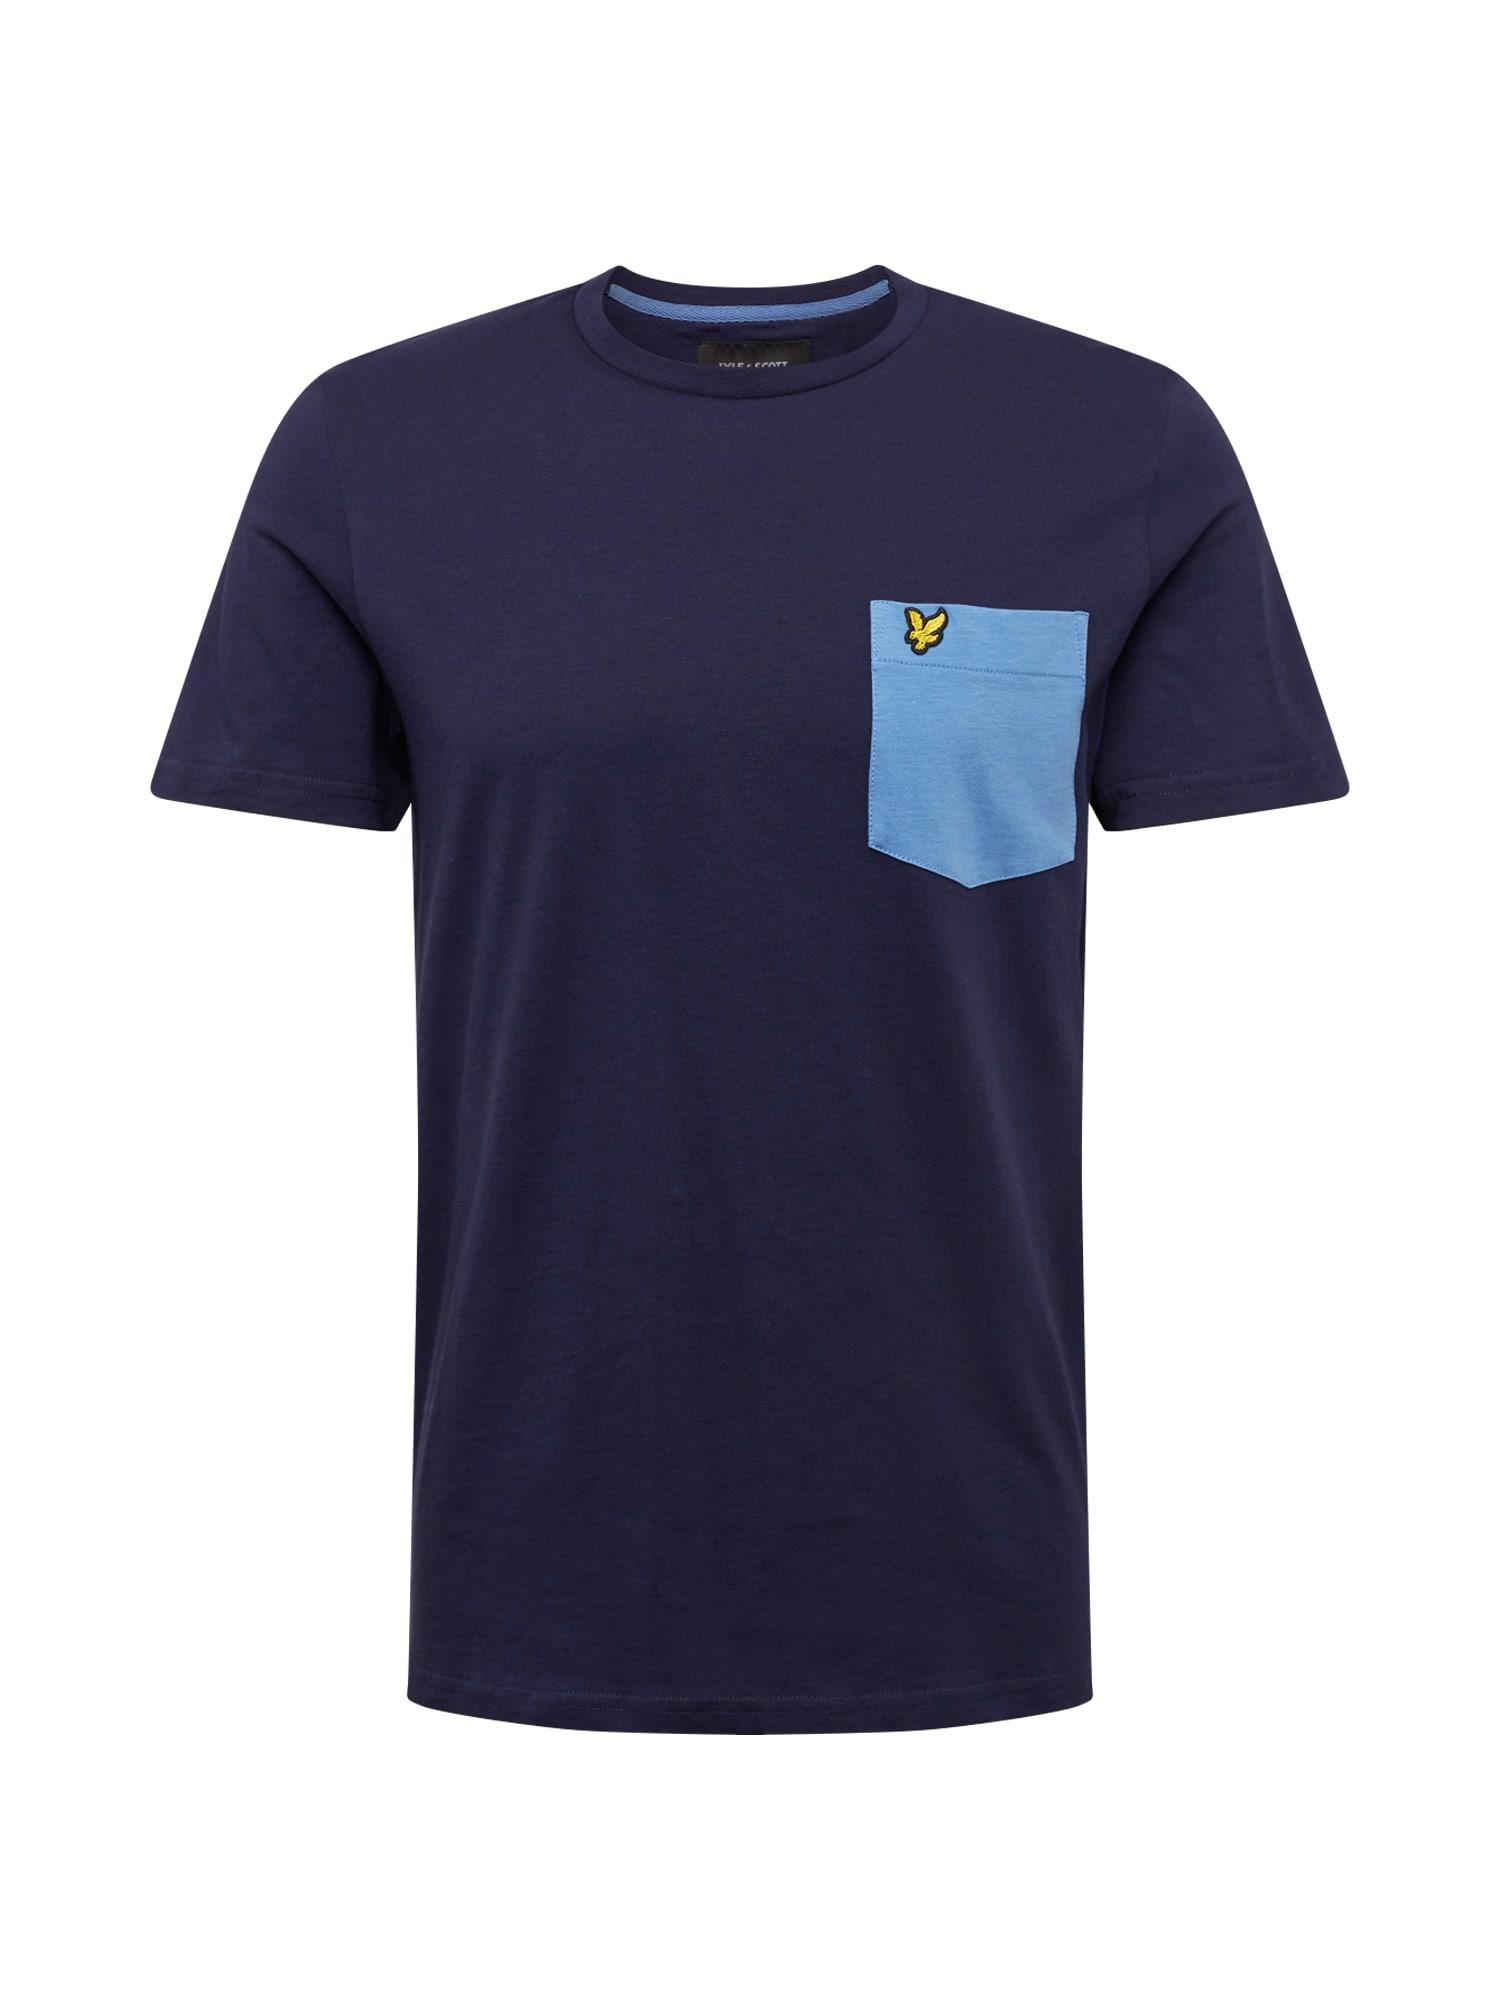 Tričko námořnická modř světlemodrá žlutá Lyle & Scott